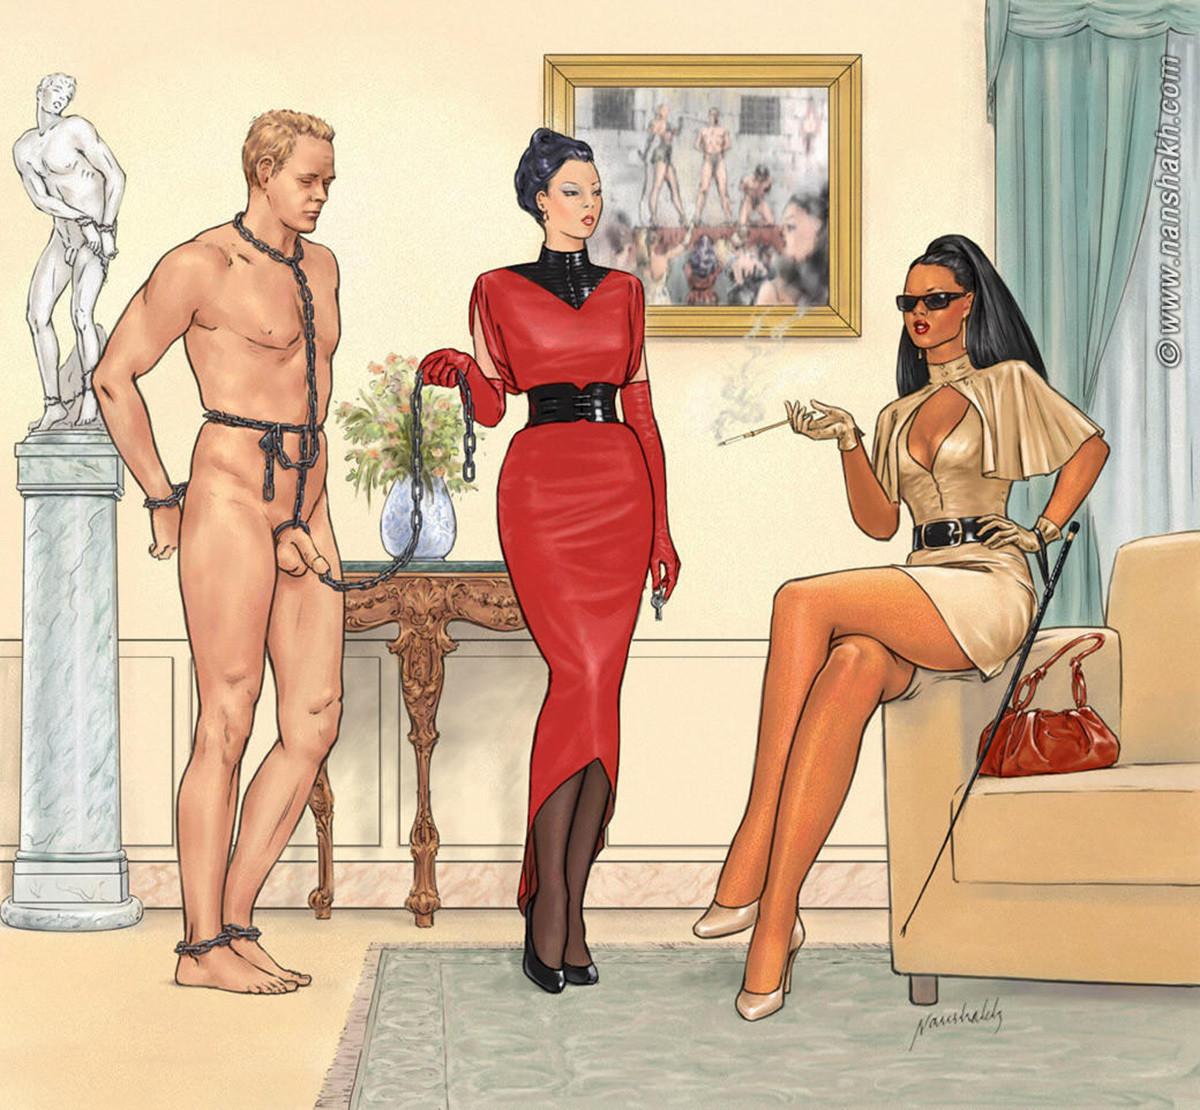 нее уже женская доминация на картинках должен быть действующим